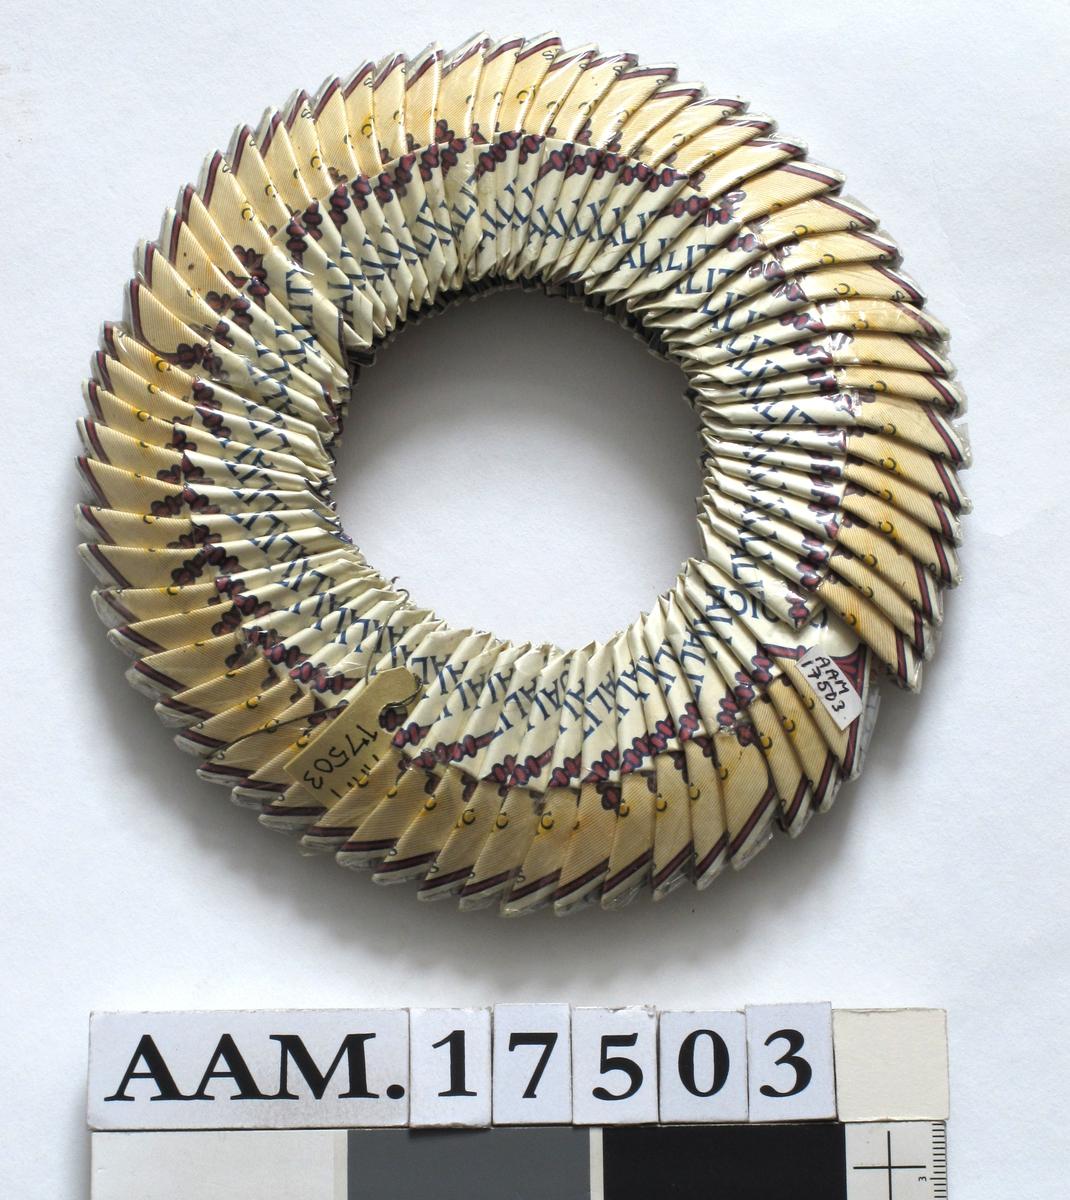 Billed eller fotoramme,  satt sammen av sammenbrettede sigarettesker i en ring.